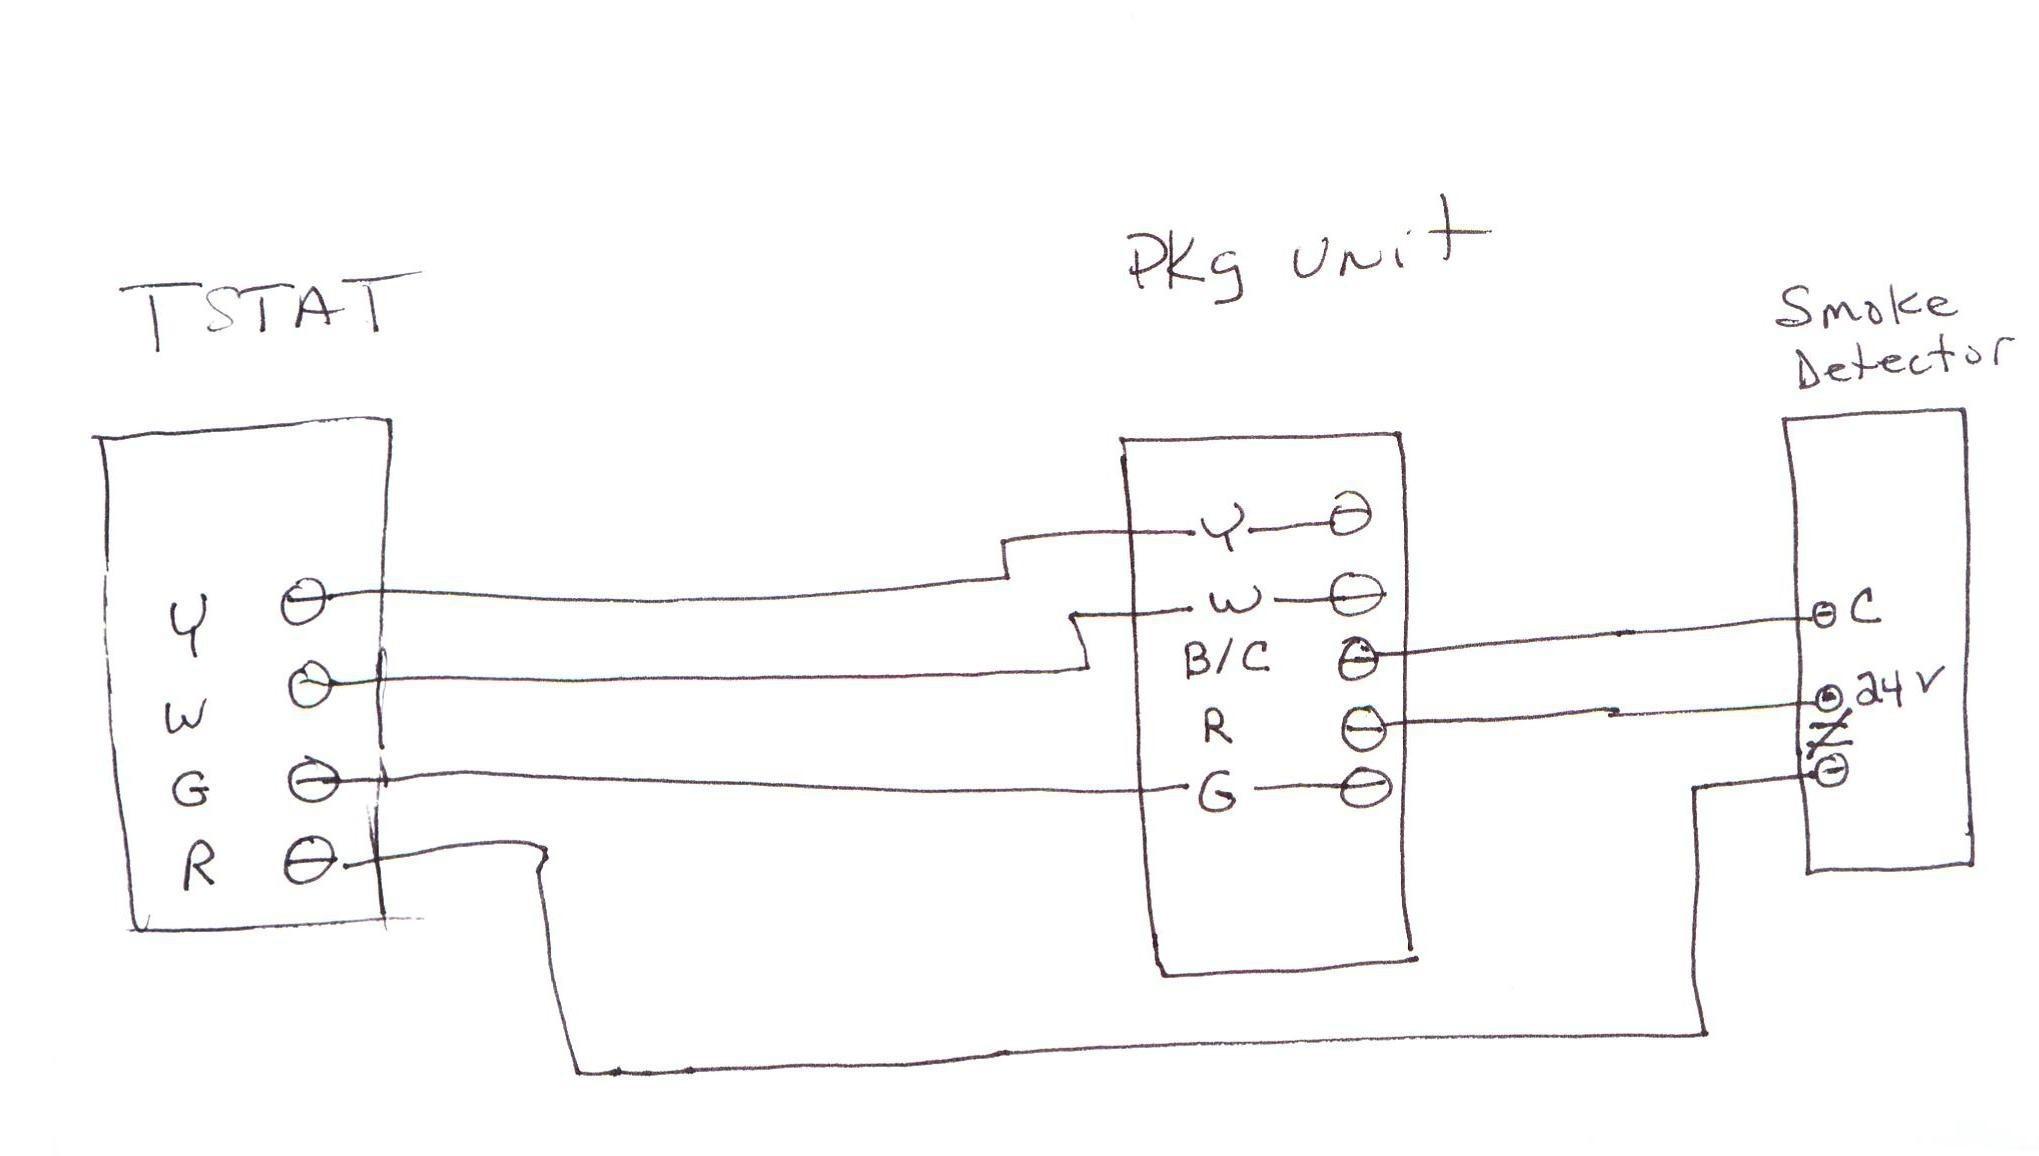 wiring diagram for interconnected smoke detectors makeup brush alarms new